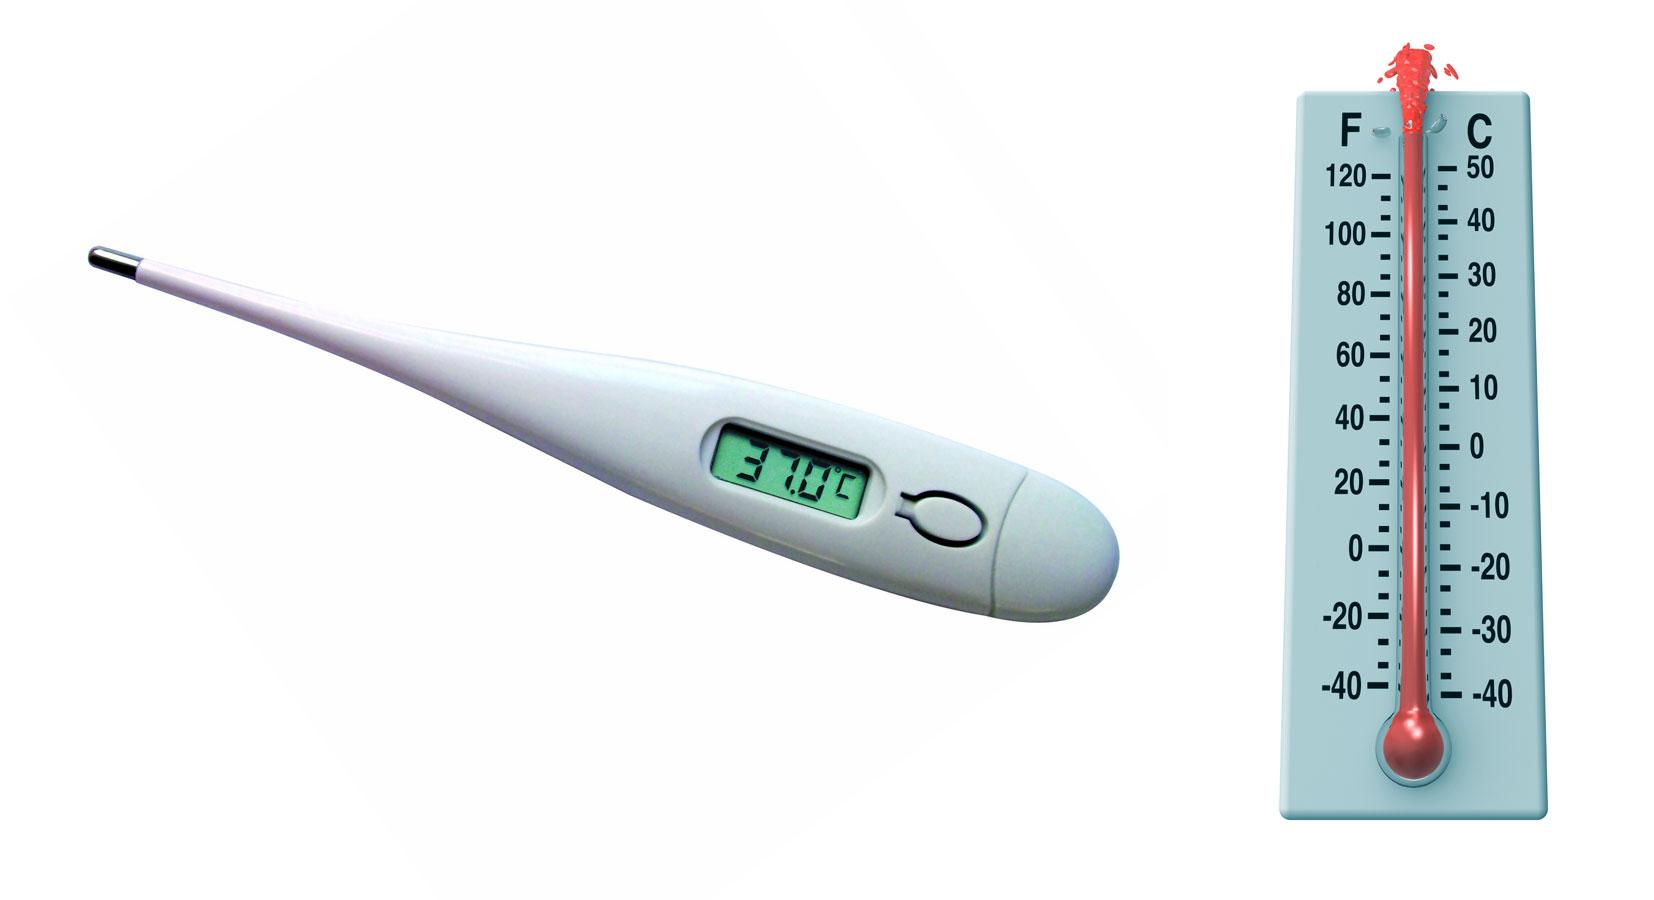 Termometro elettronico e termometro tradizionale con scale che misurano i gradi Centigradi e Fahrenheit